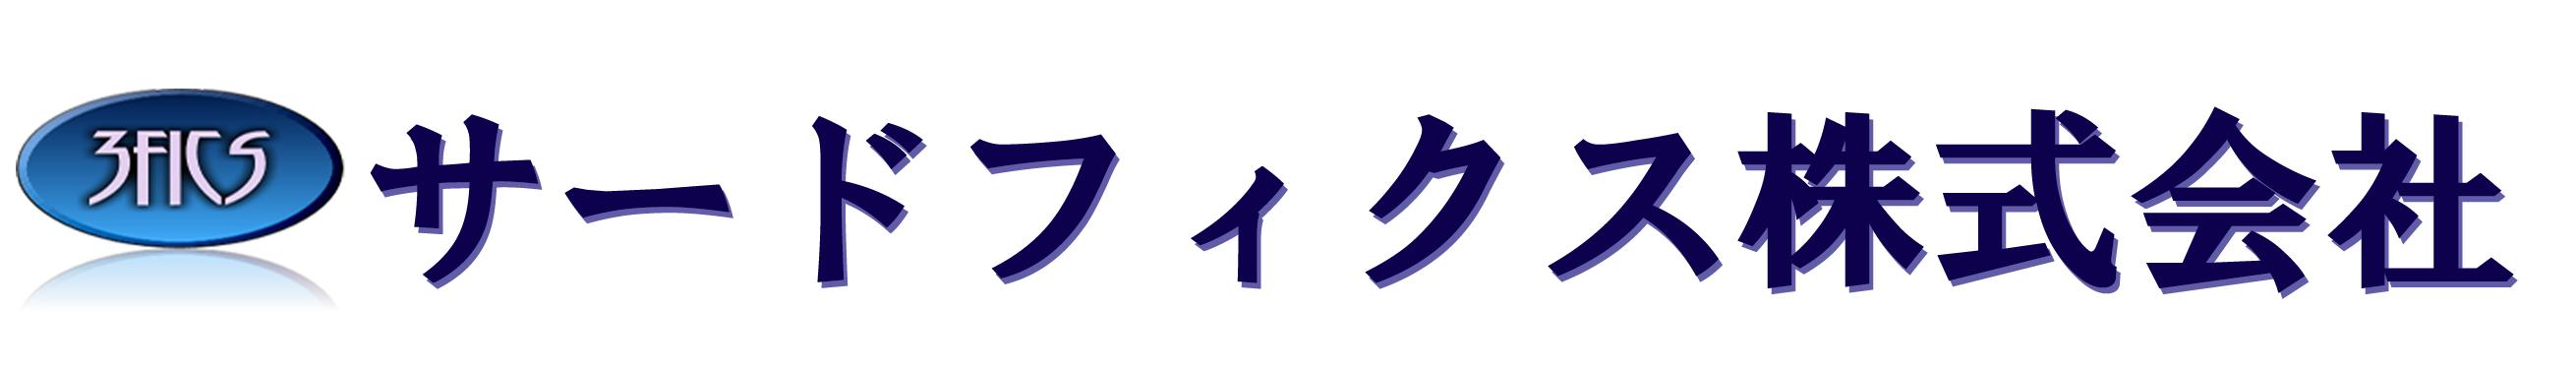 サードフィクス株式会社